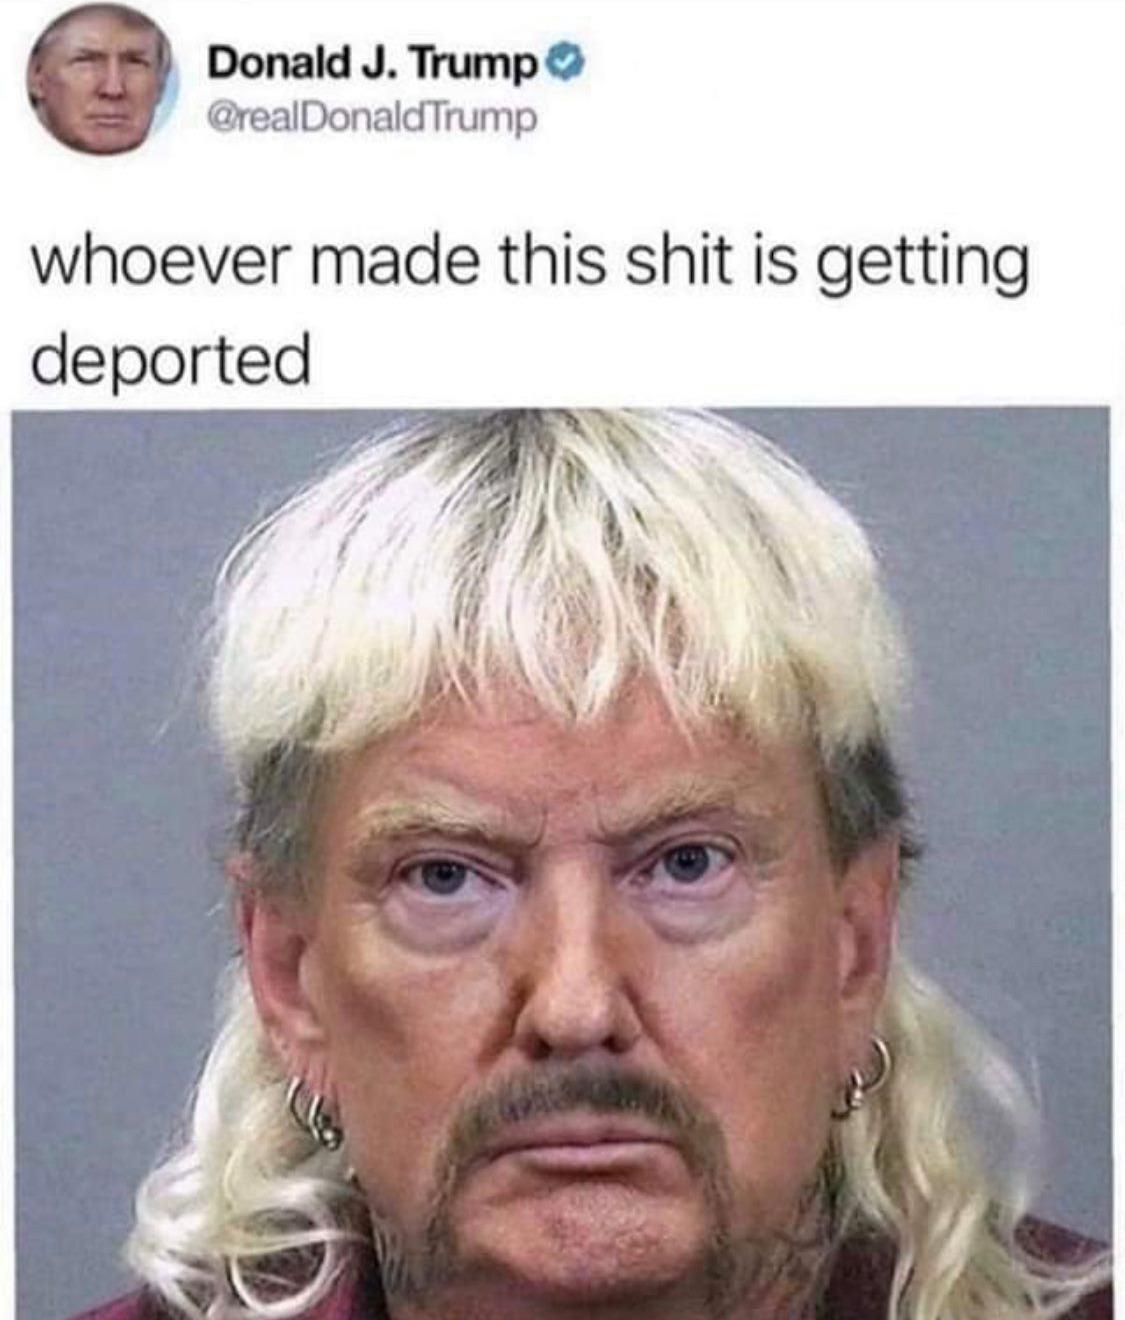 Obrázek deported